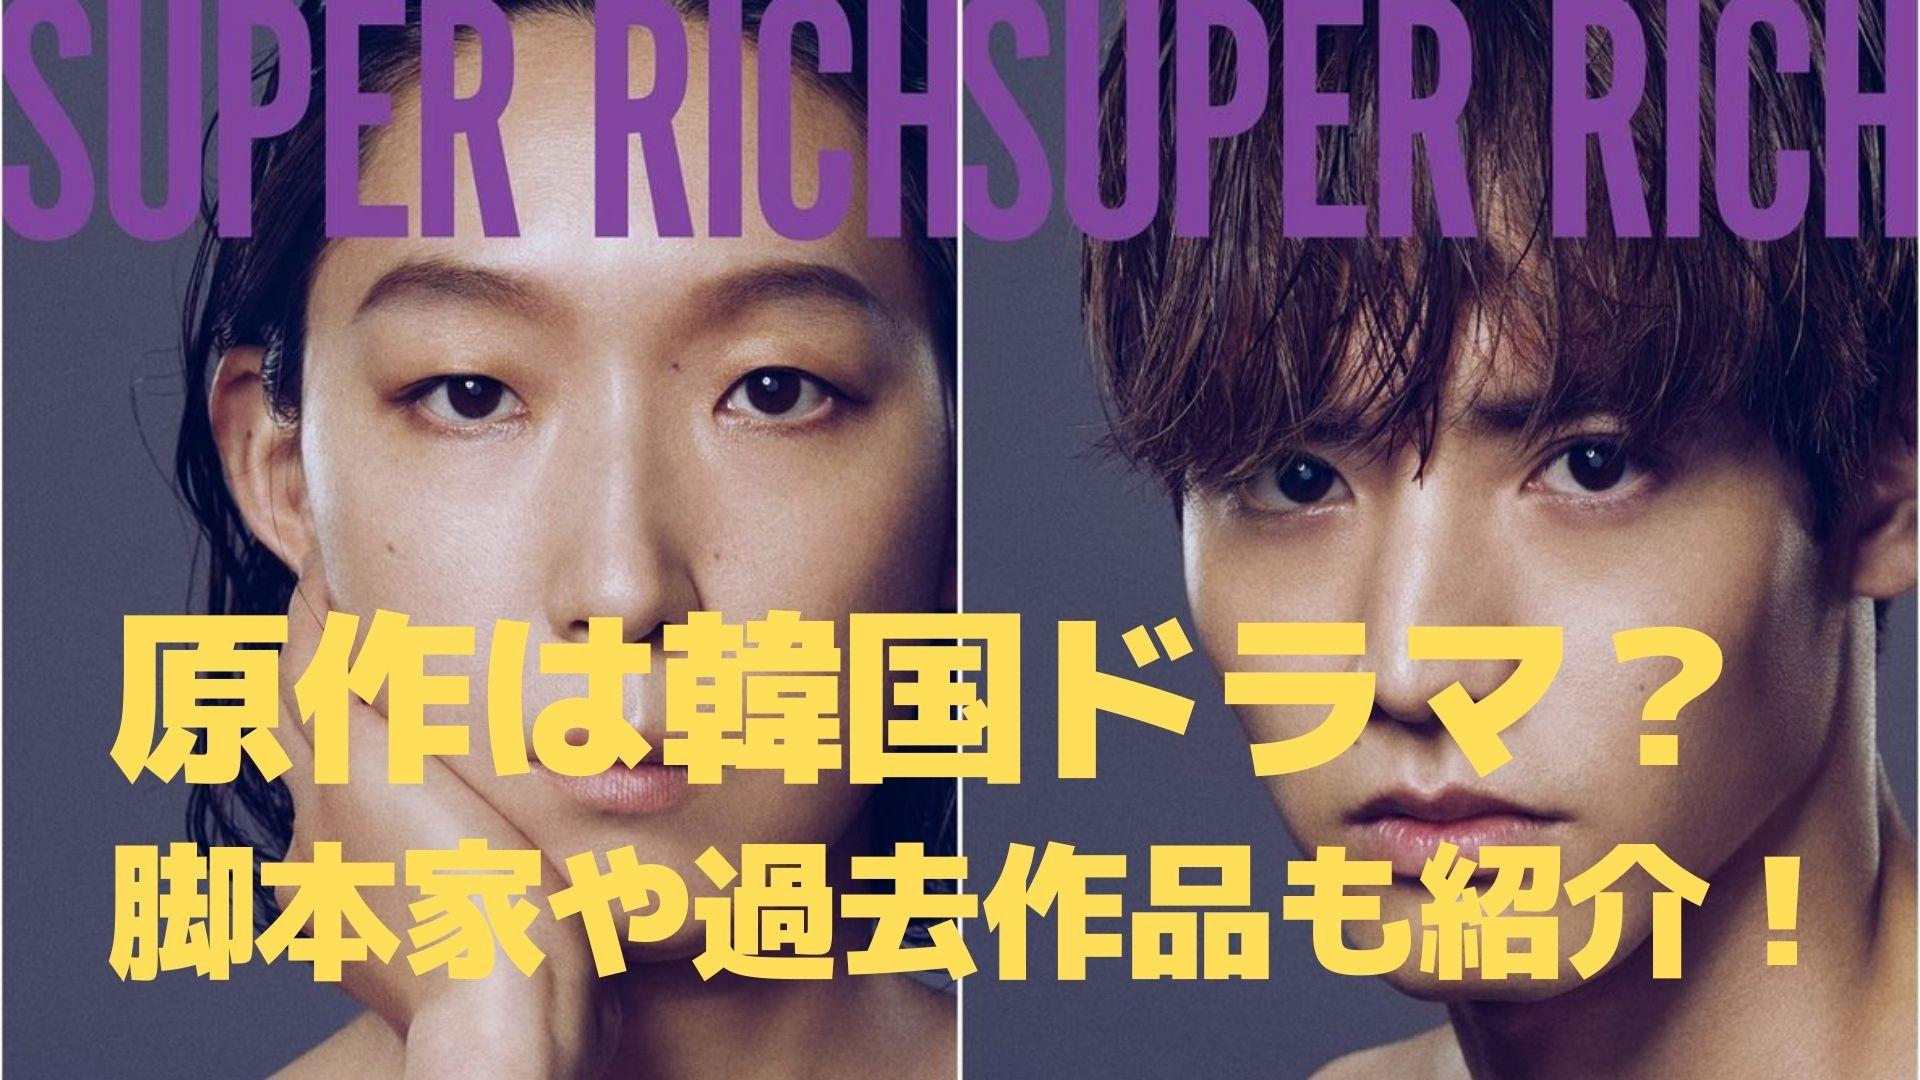 super-rich-original